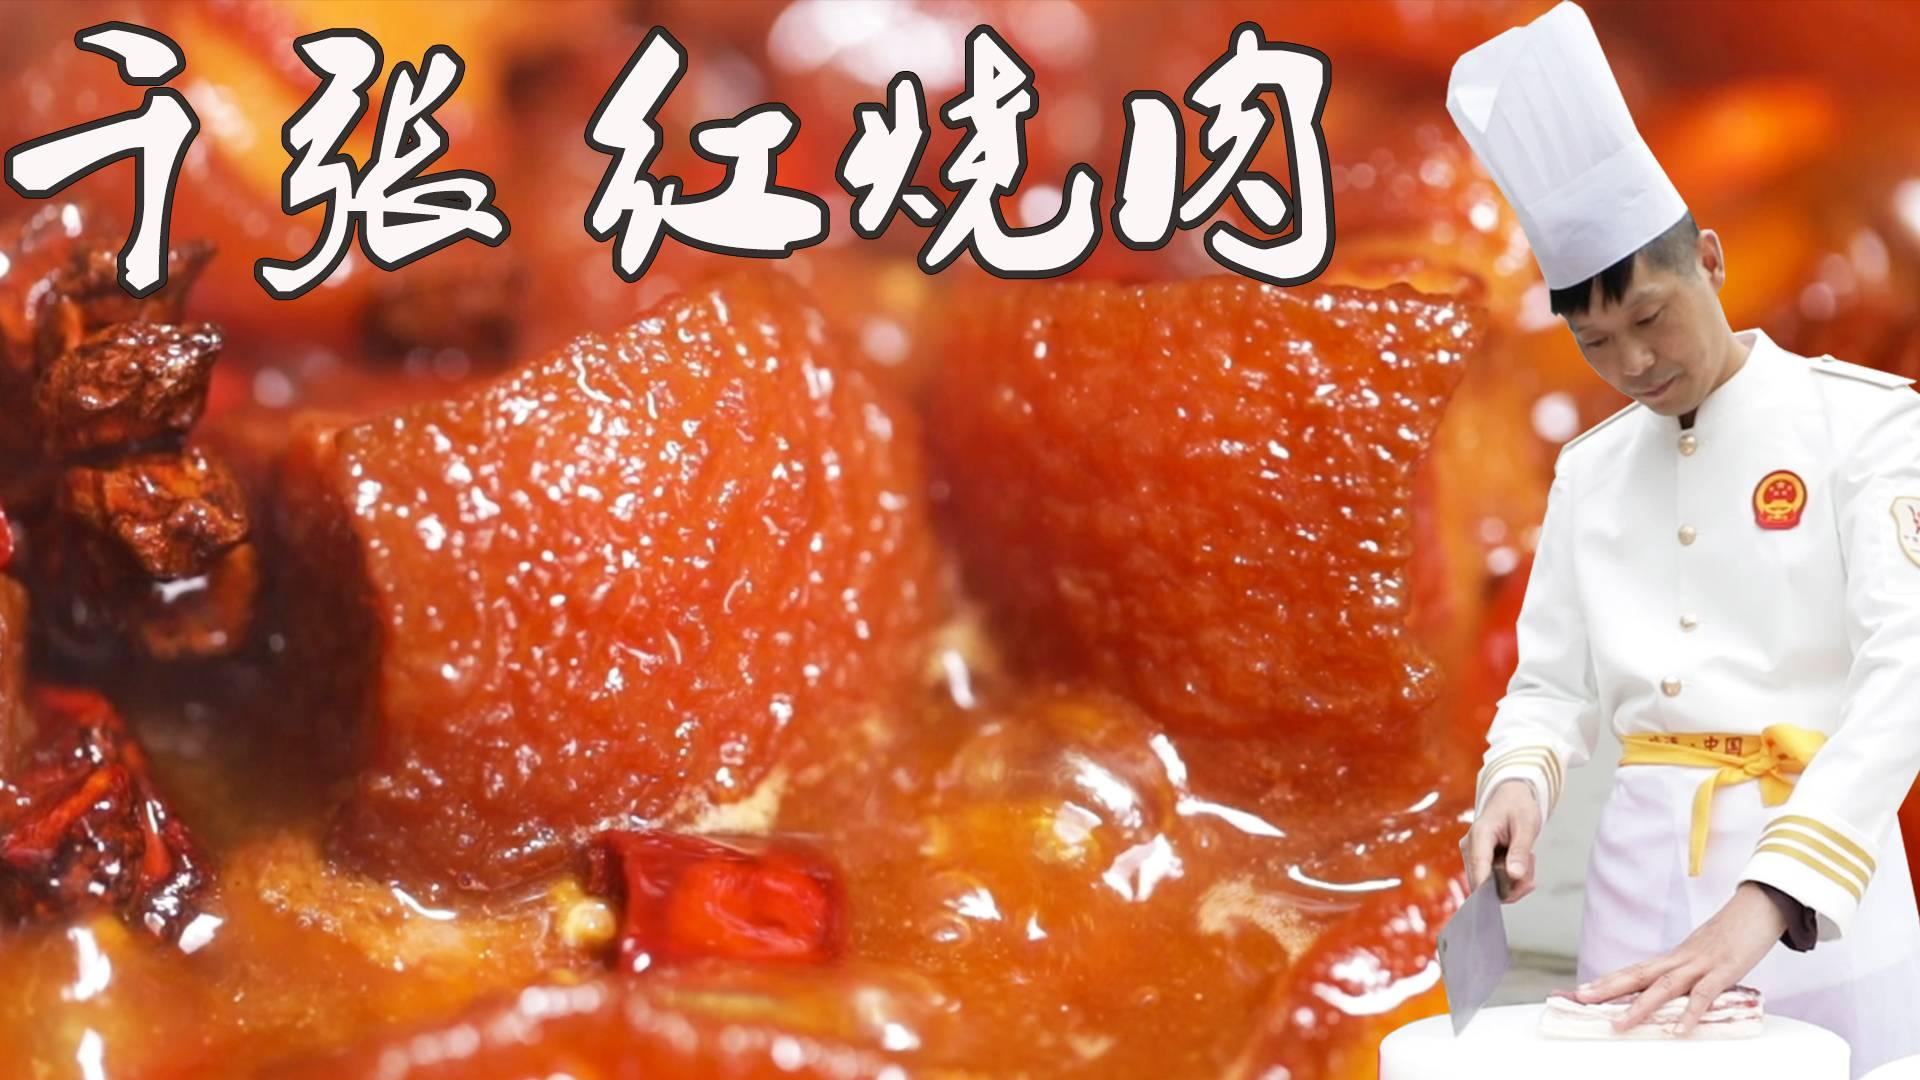 【大师的菜·千张红烧肉】最家常的红烧肉,搭配宜宾特色食材臭千张,大师教你做!